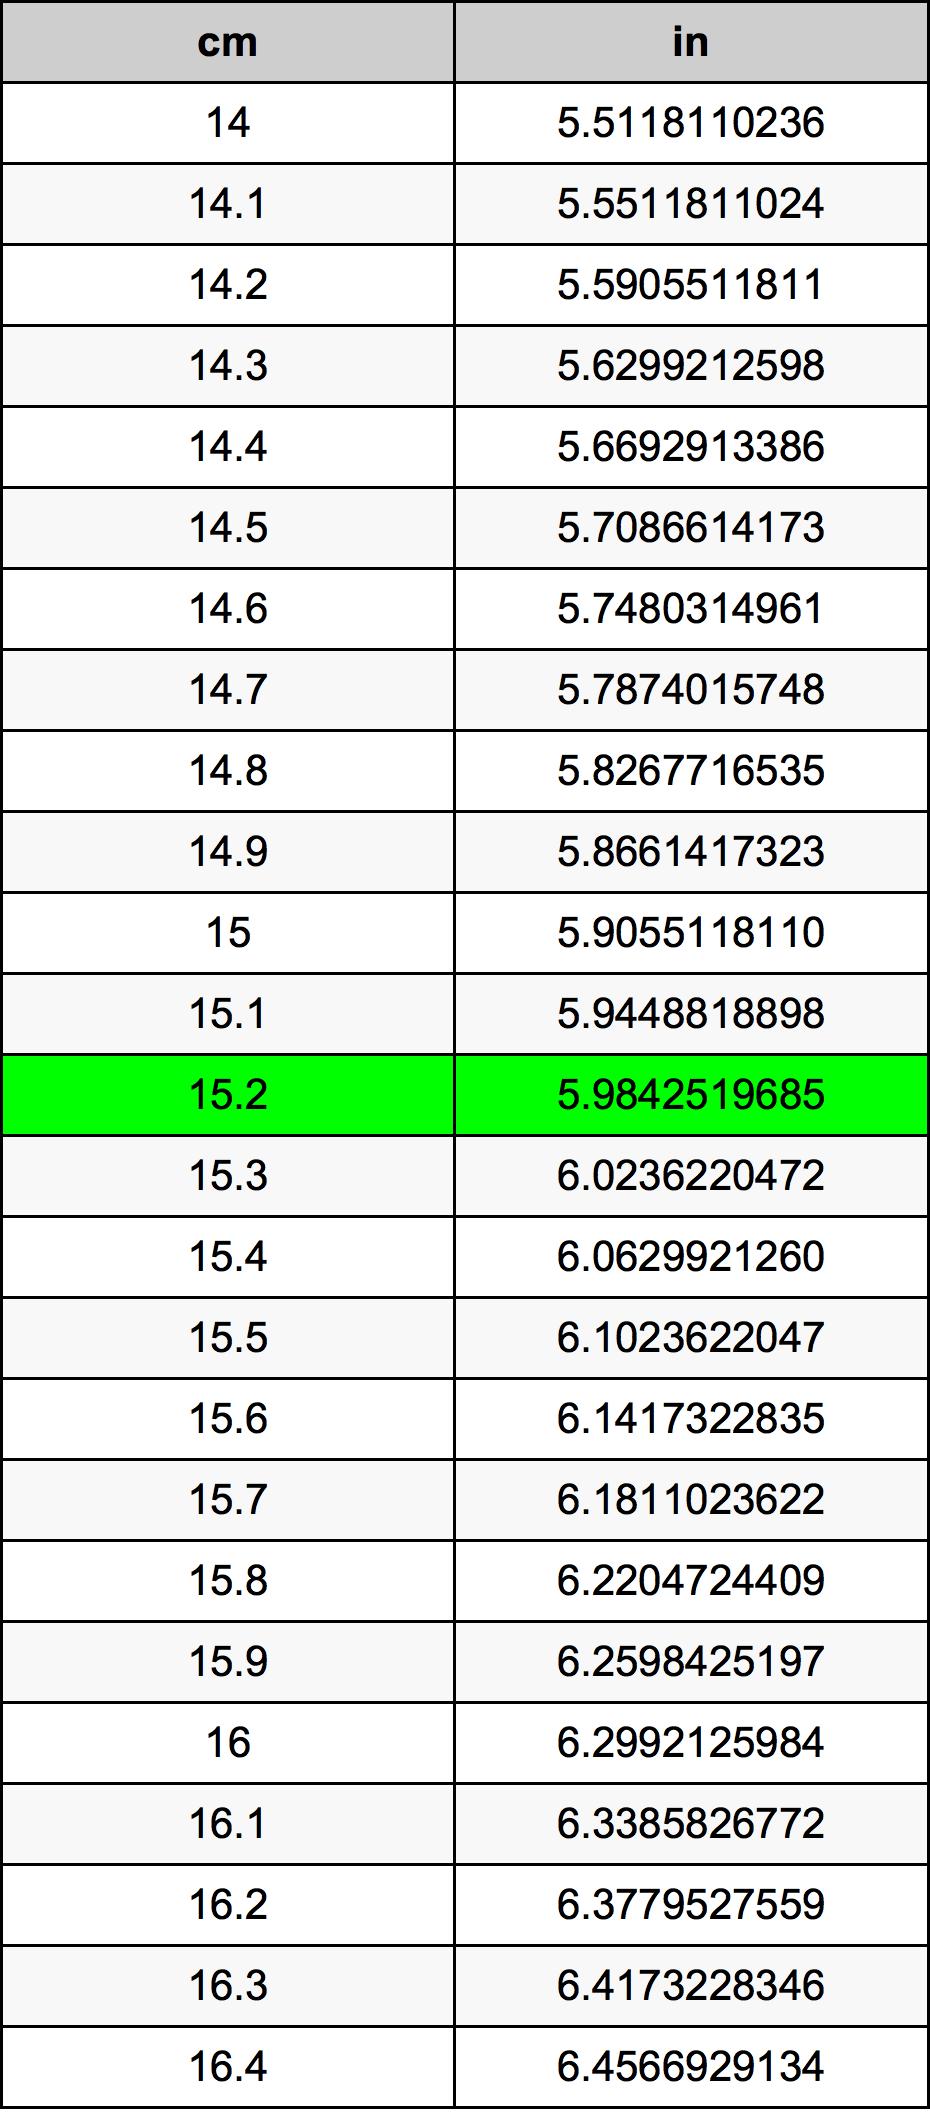 15.2 Xentimét bảng chuyển đổi